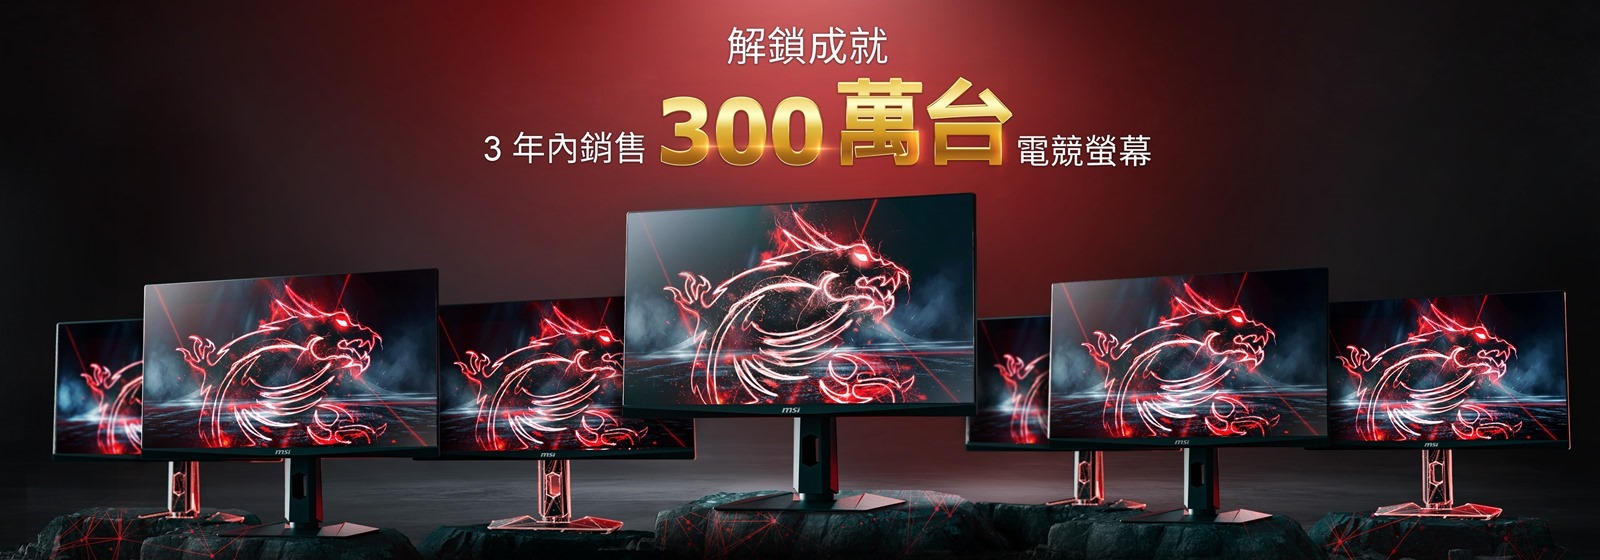 歡慶微星電競螢幕 3 年累積銷售突破 300 萬台 全球紅色限定版量子點電競螢幕免費抽!! @3C 達人廖阿輝